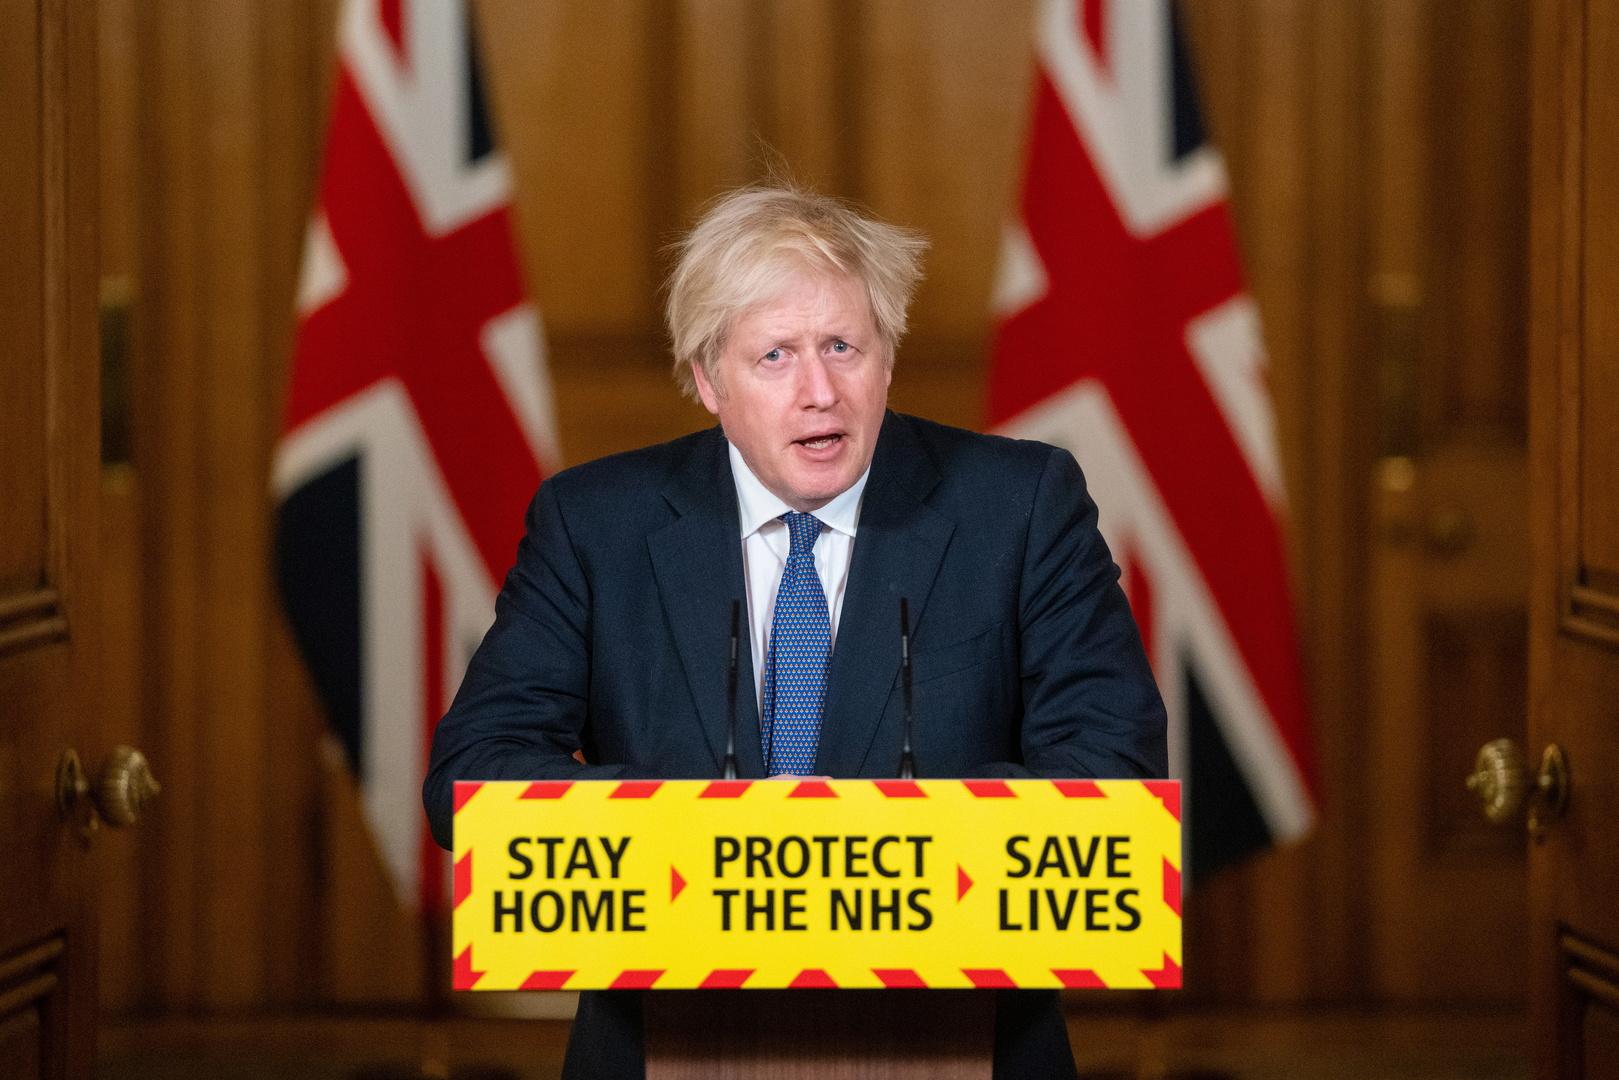 رئيس الوزراء البريطاني، بوريس جونسون.